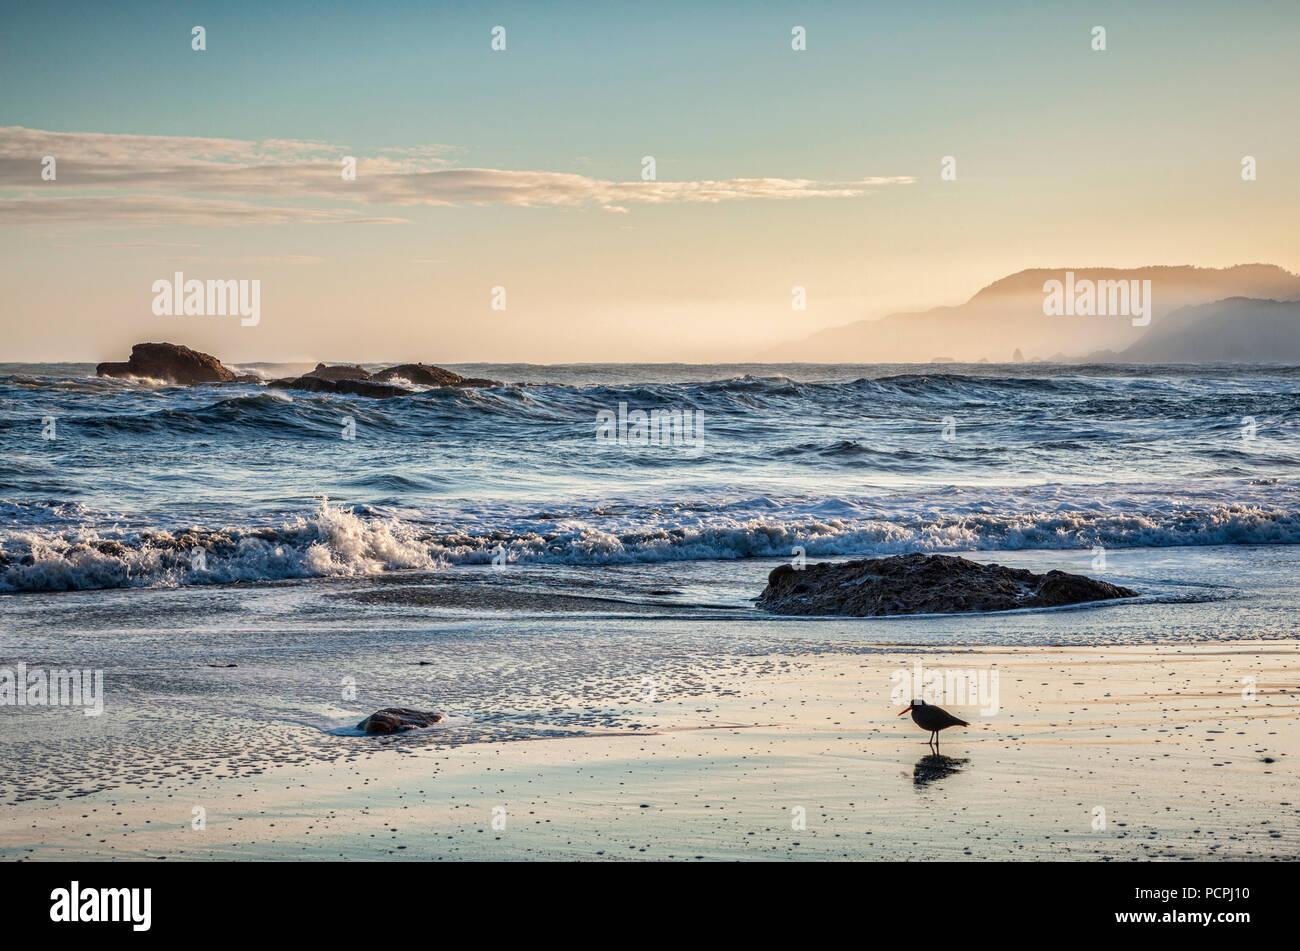 Un lone oystercatcher caccia per la colazione su un selvatico mattina al Picchio Bay, Paparoa National Park, West Coast, Nuova Zelanda. Immagini Stock